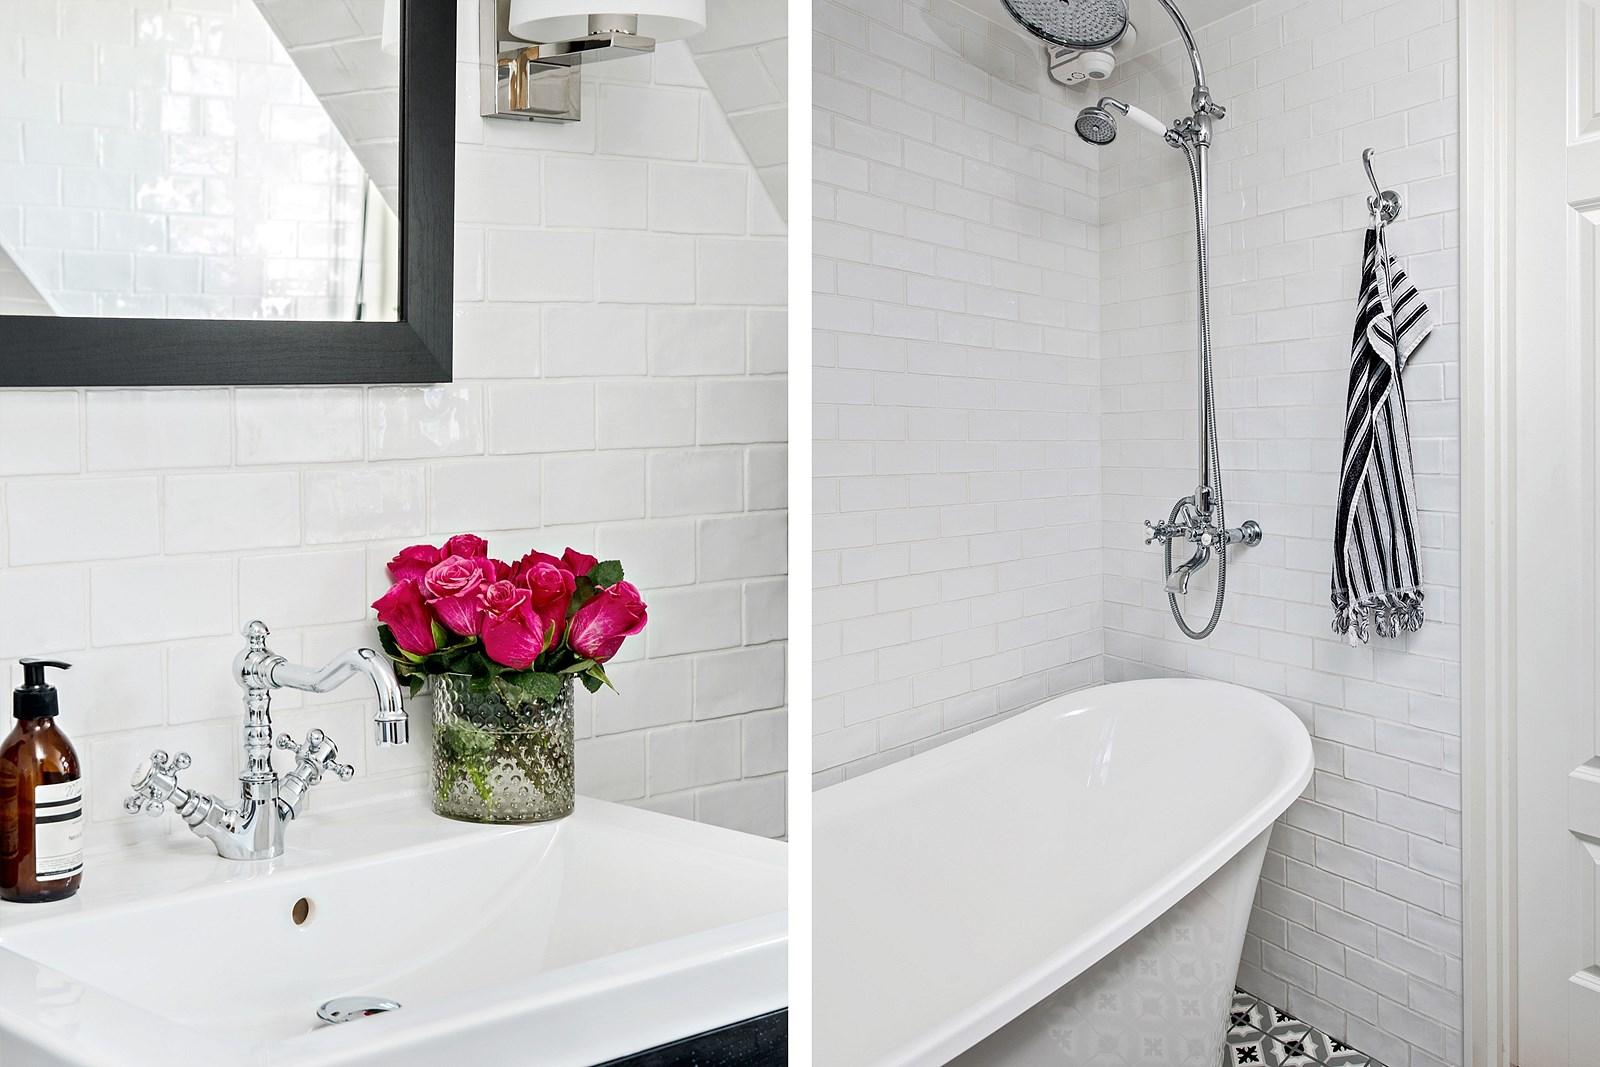 санузел ванная комната плитка кабанчик ретро ванна душ раковина смеситель